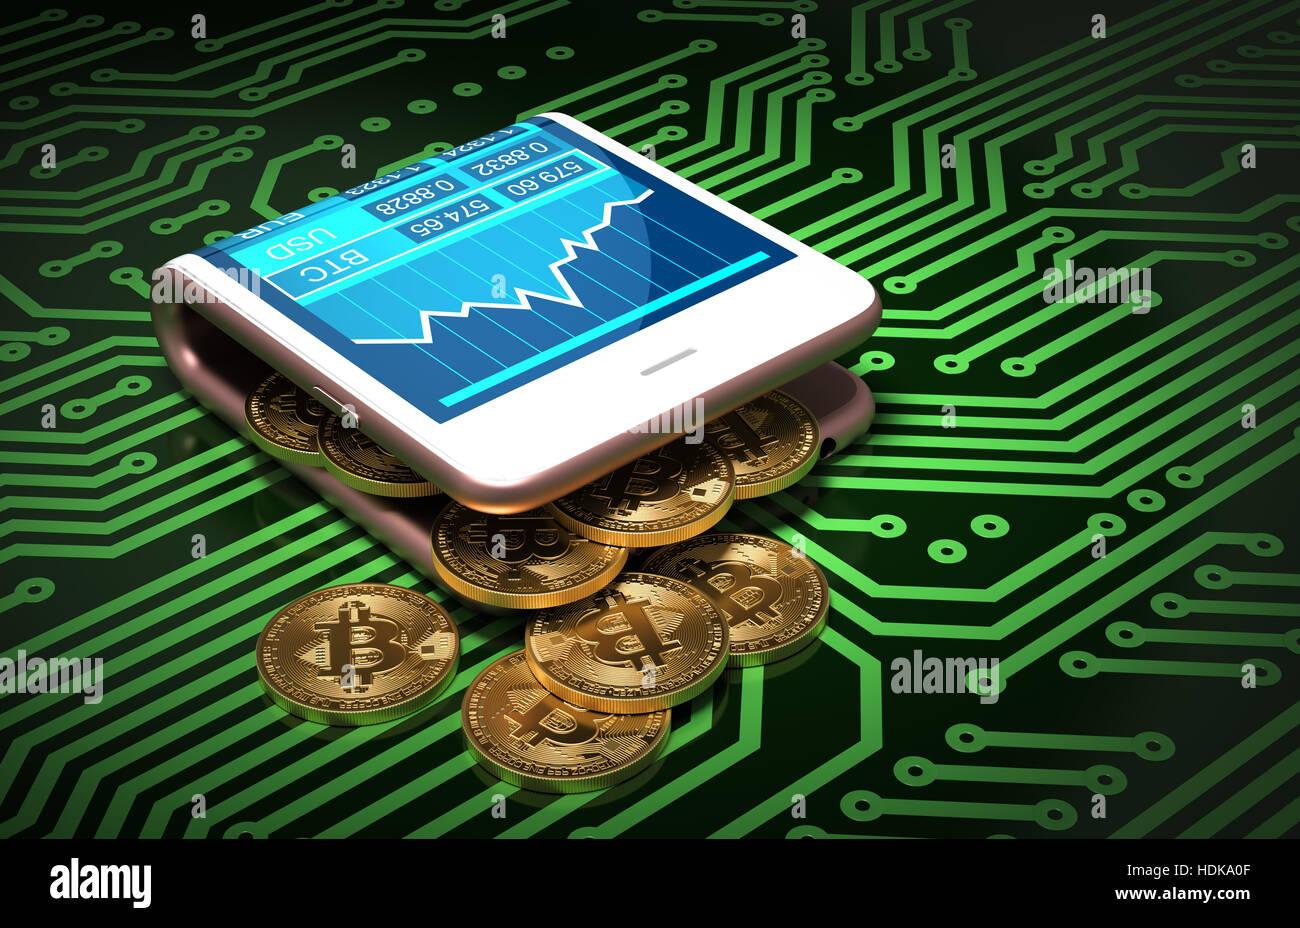 E Wallet Bitcoin